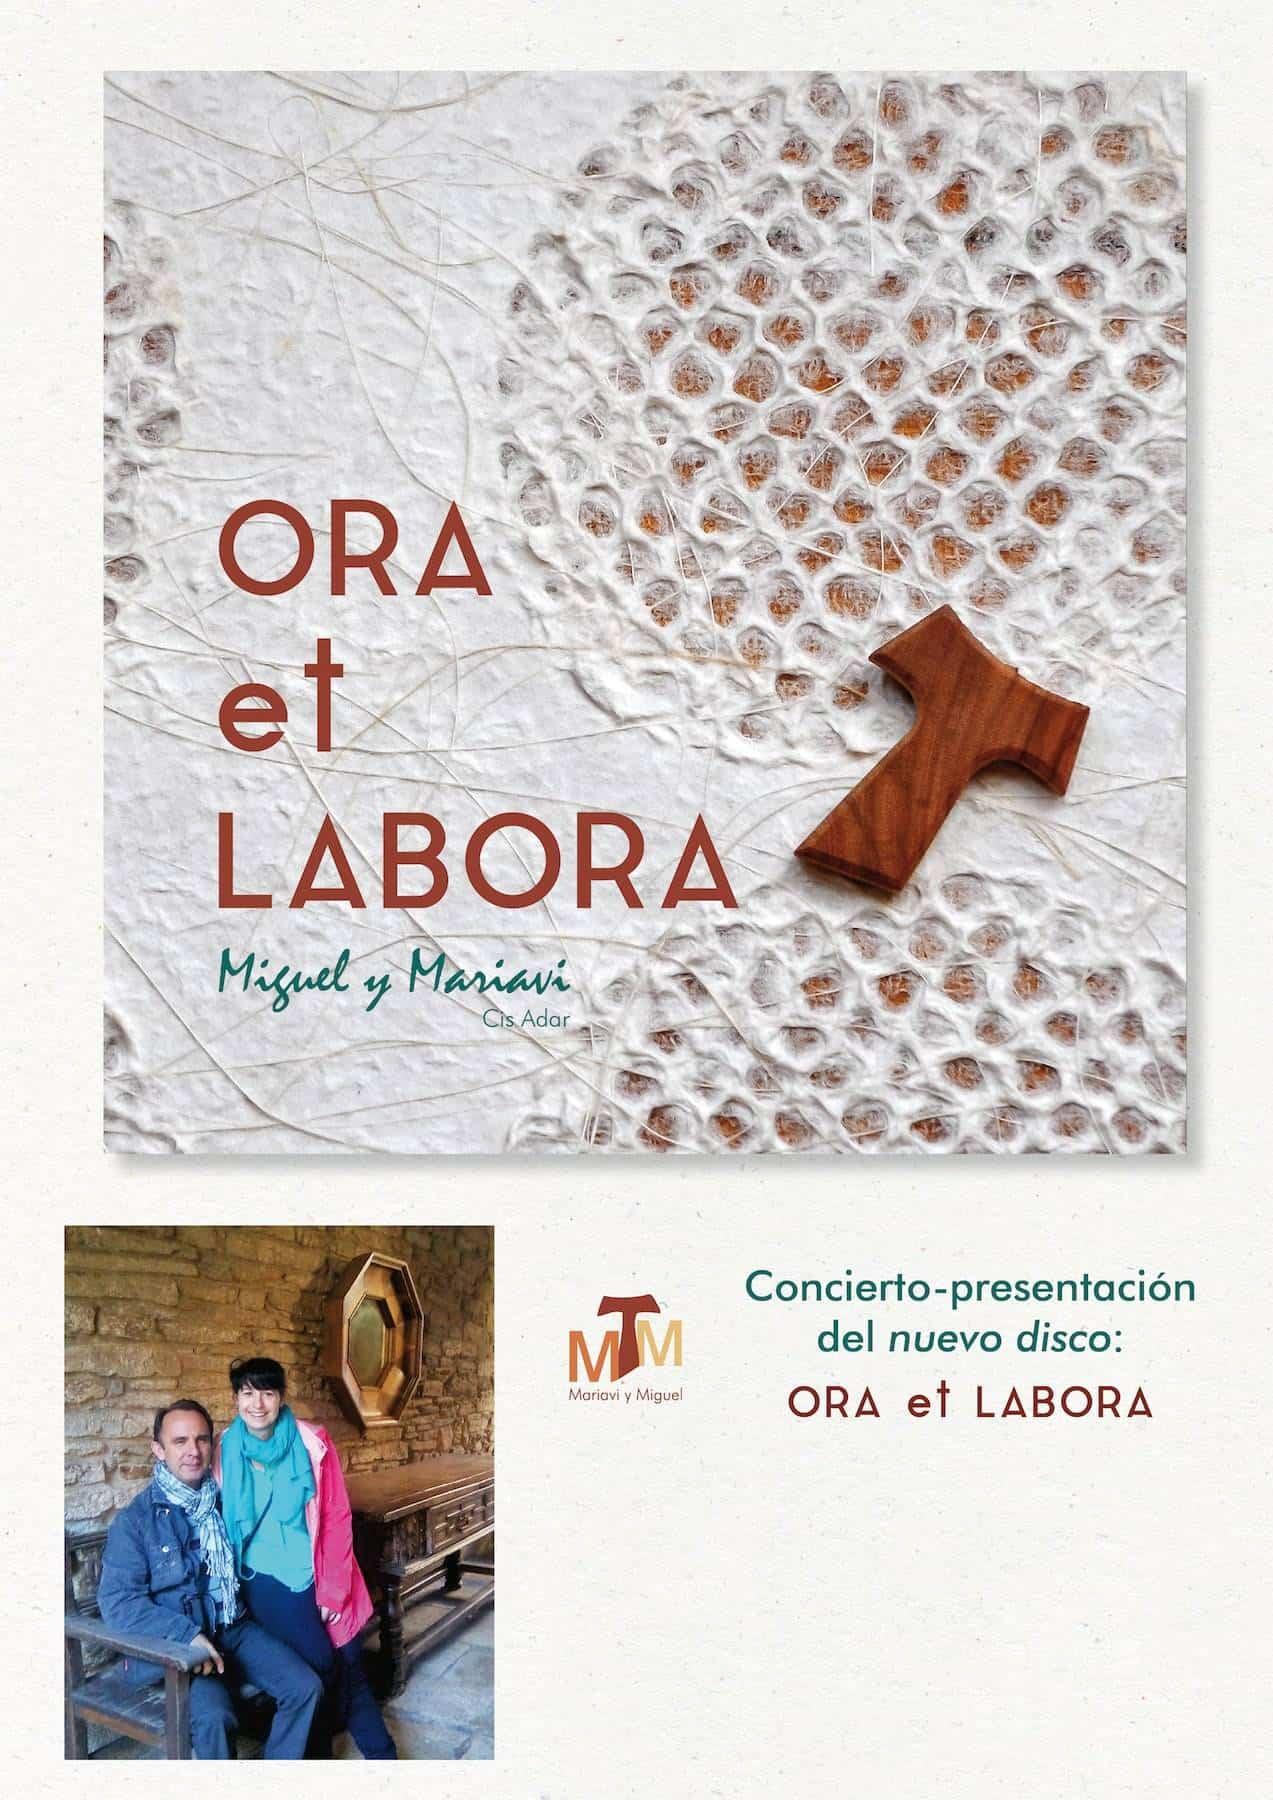 """Cartel presentacion ora et labora - Cis Adar presenta su nuevo disco """"Ora Et Labora"""""""